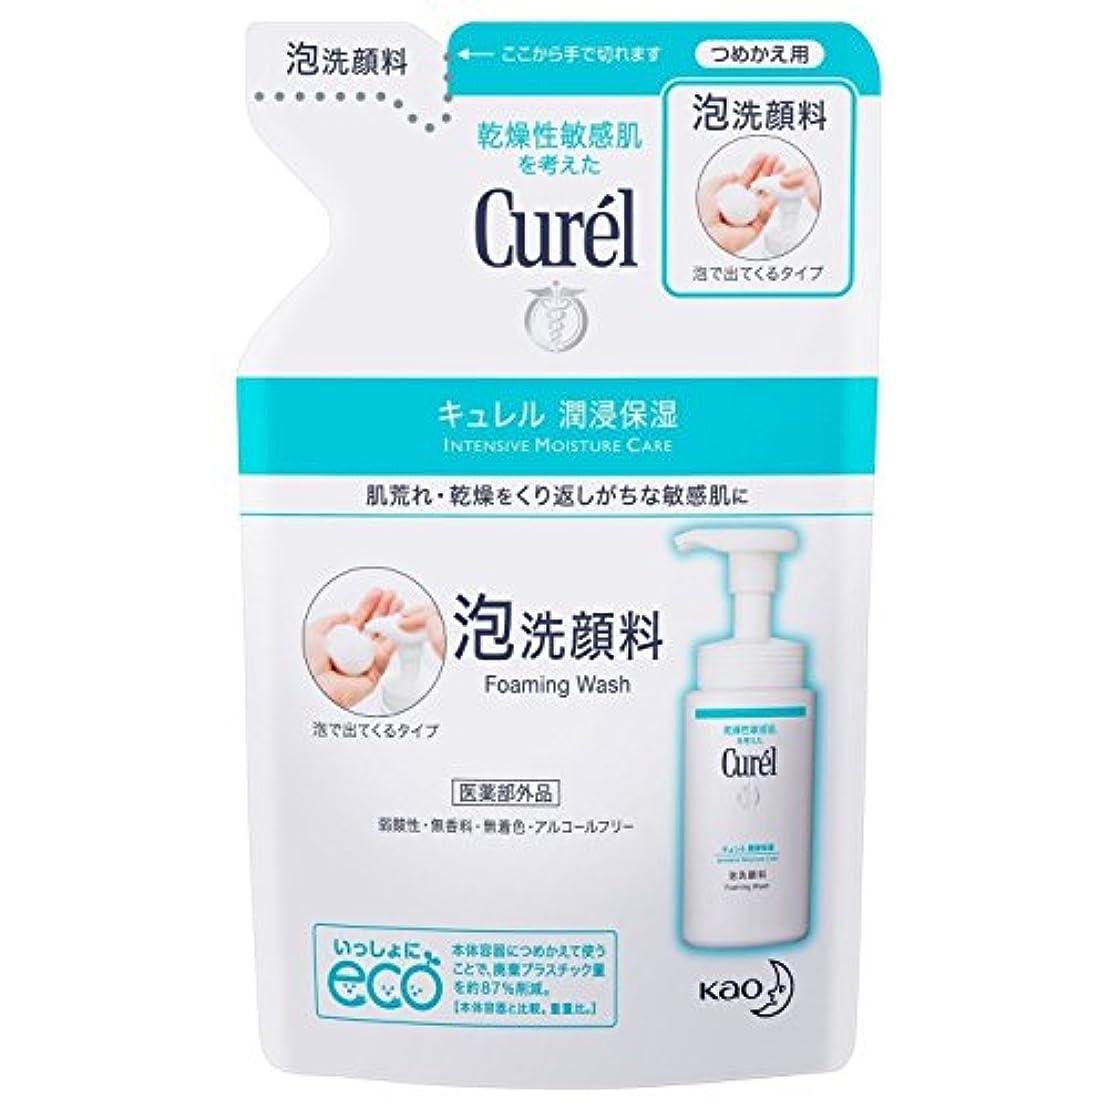 対抗微弱振る舞う【花王】Curel(キュレル) 泡洗顔料 つめかえ用 130ml ×5個セット